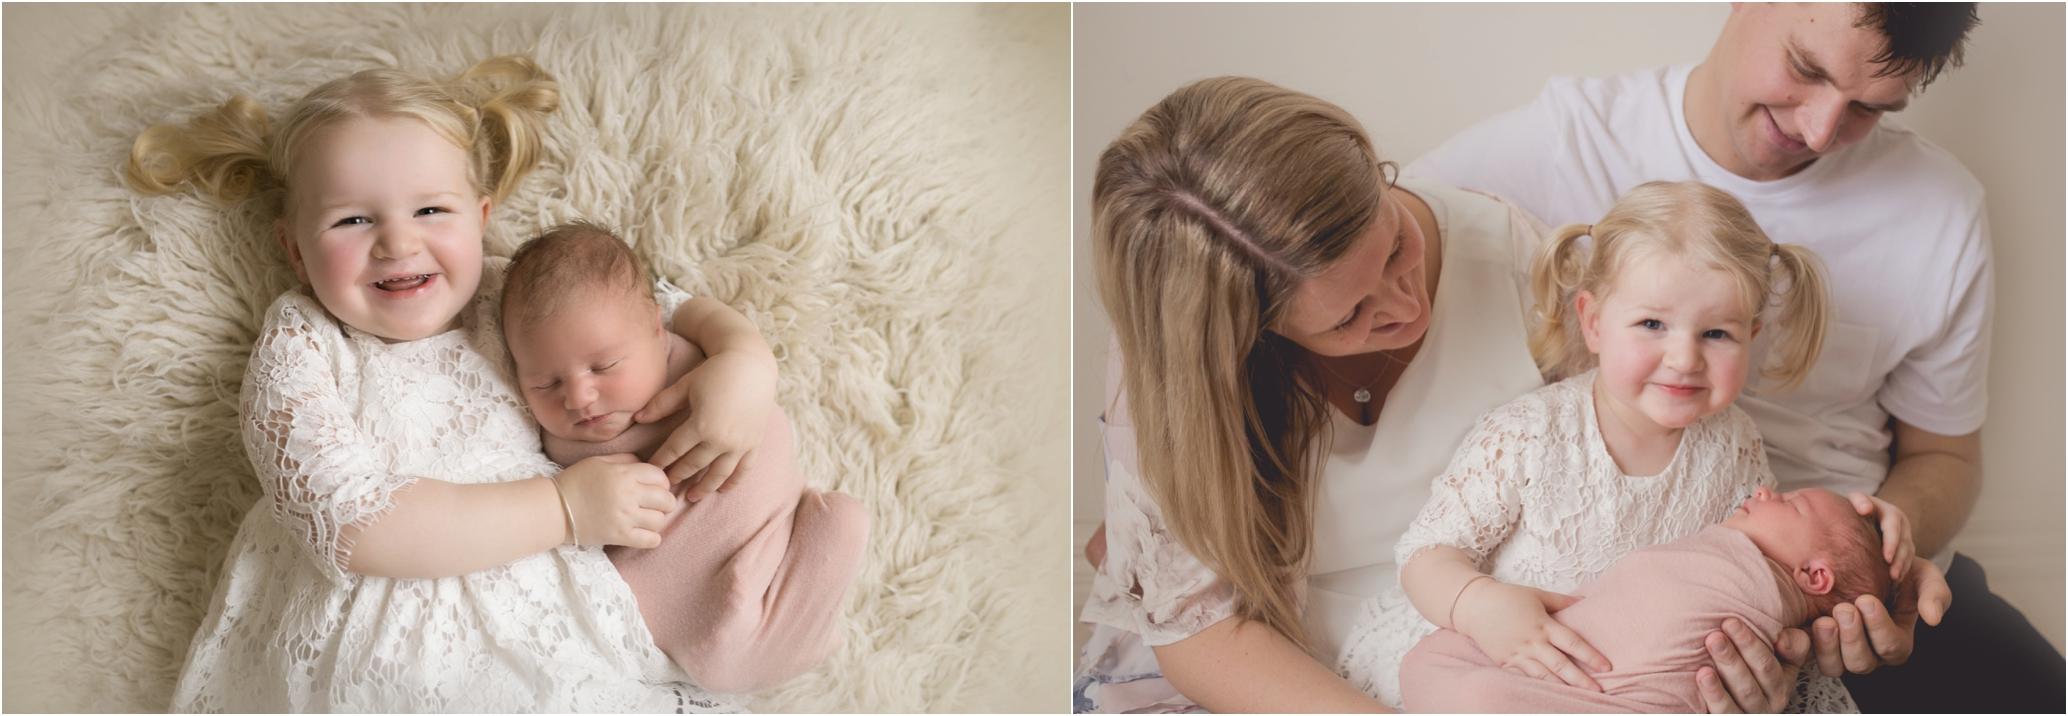 Newborn Photos Geelong_1348.jpg